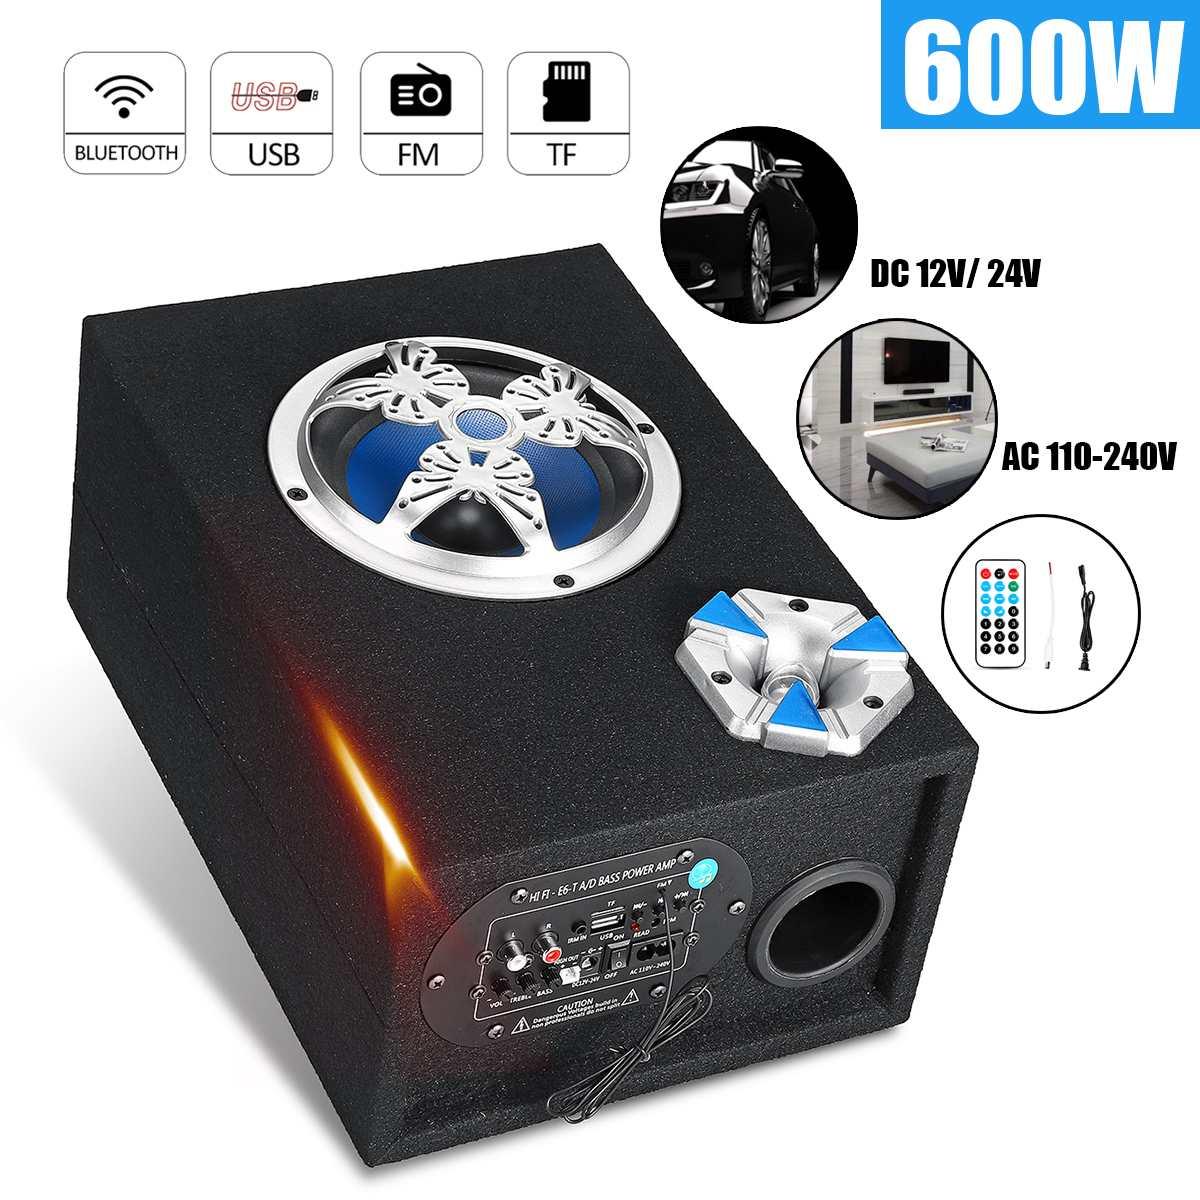 6 дюймов Универсальный автомобильный Bluetooth динамик 600 Вт автомобильный сабвуфер динамик аудио стерео fm-радио автомобильный динамик s звук